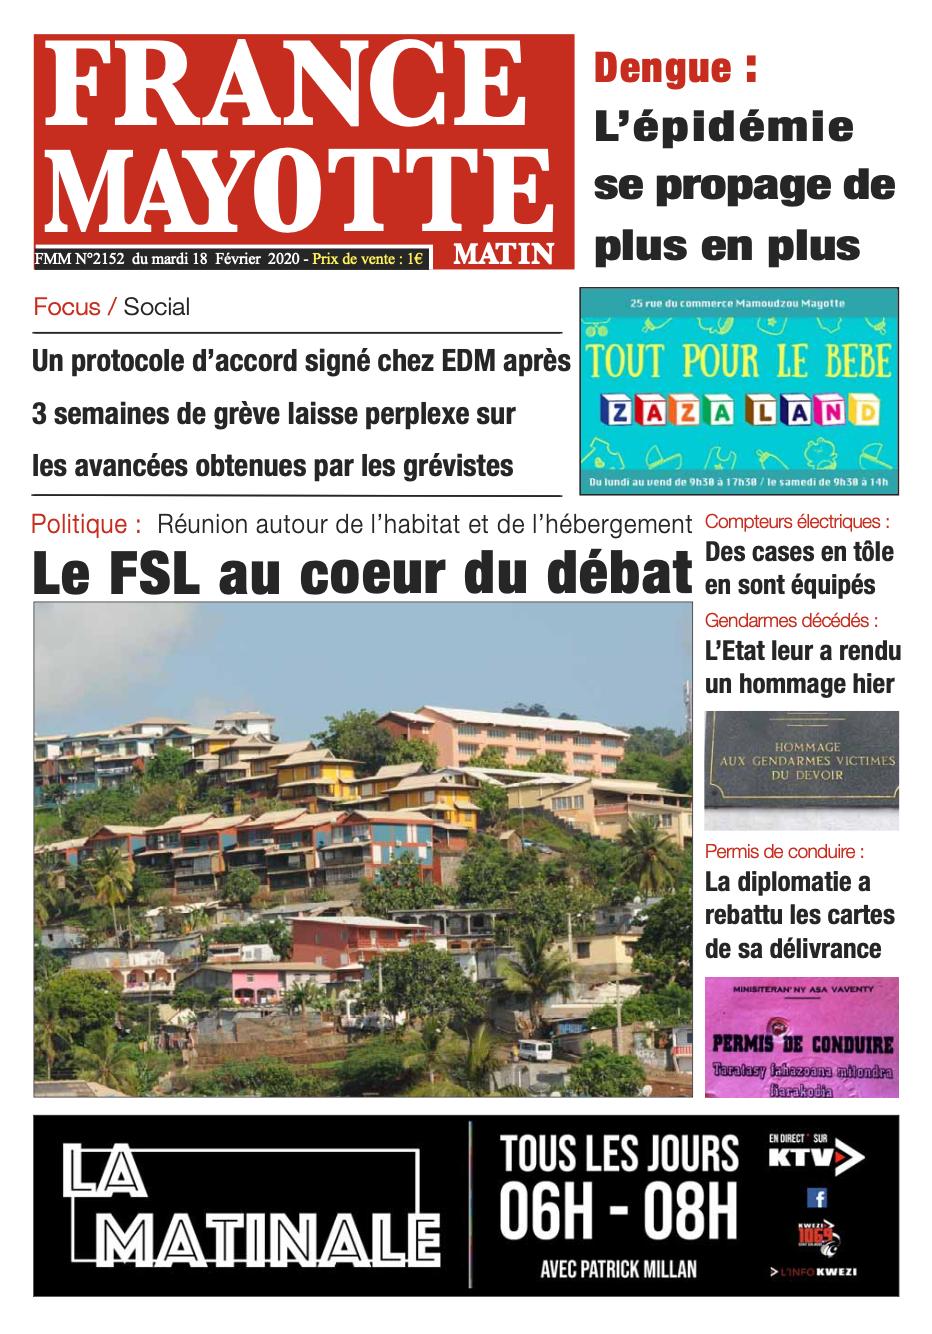 France Mayotte Mardi 18 février 2020